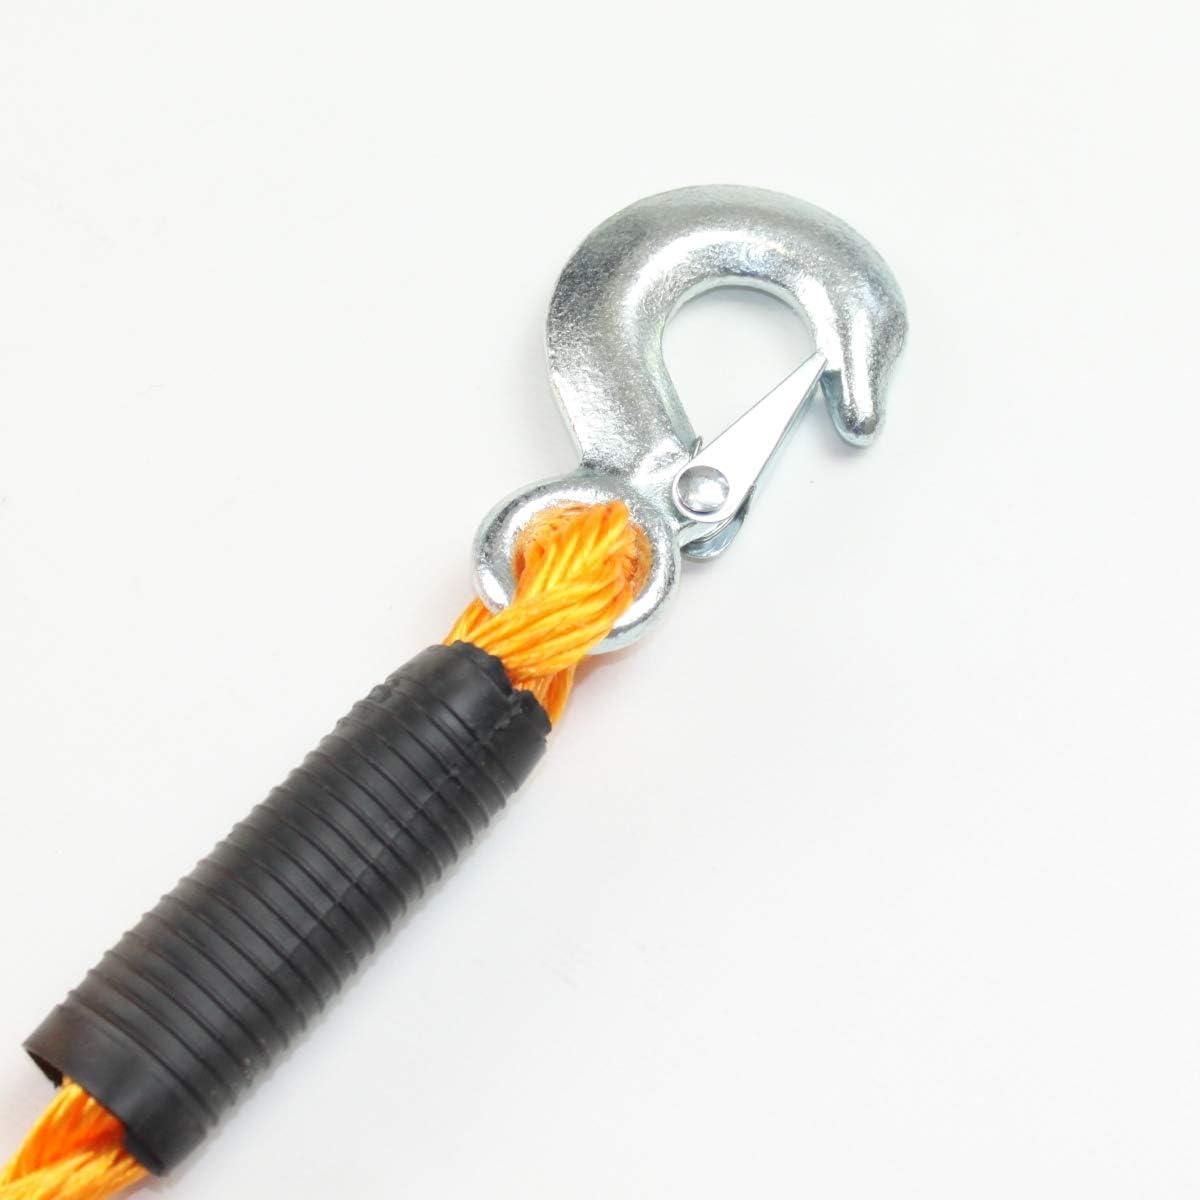 Benson Abschleppseil Bis 5000kg Abschlepphilfe 3 5m Elastisches Seil Orange Mit 2 Haken Baumarkt